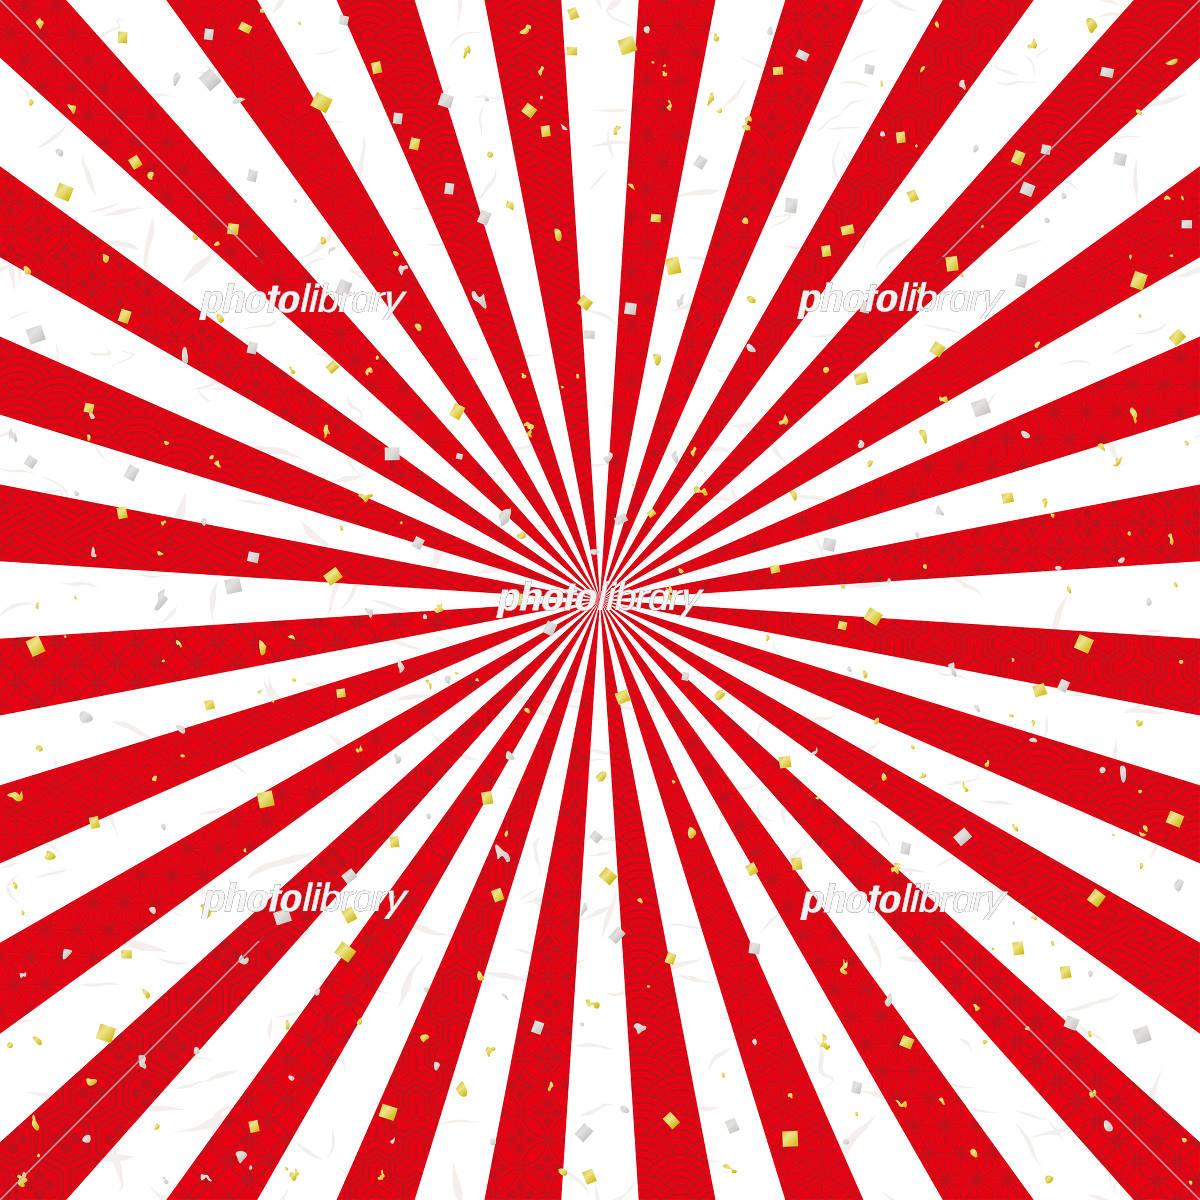 紅白 放射状 金銀ちりばめた和風背景のイラスト